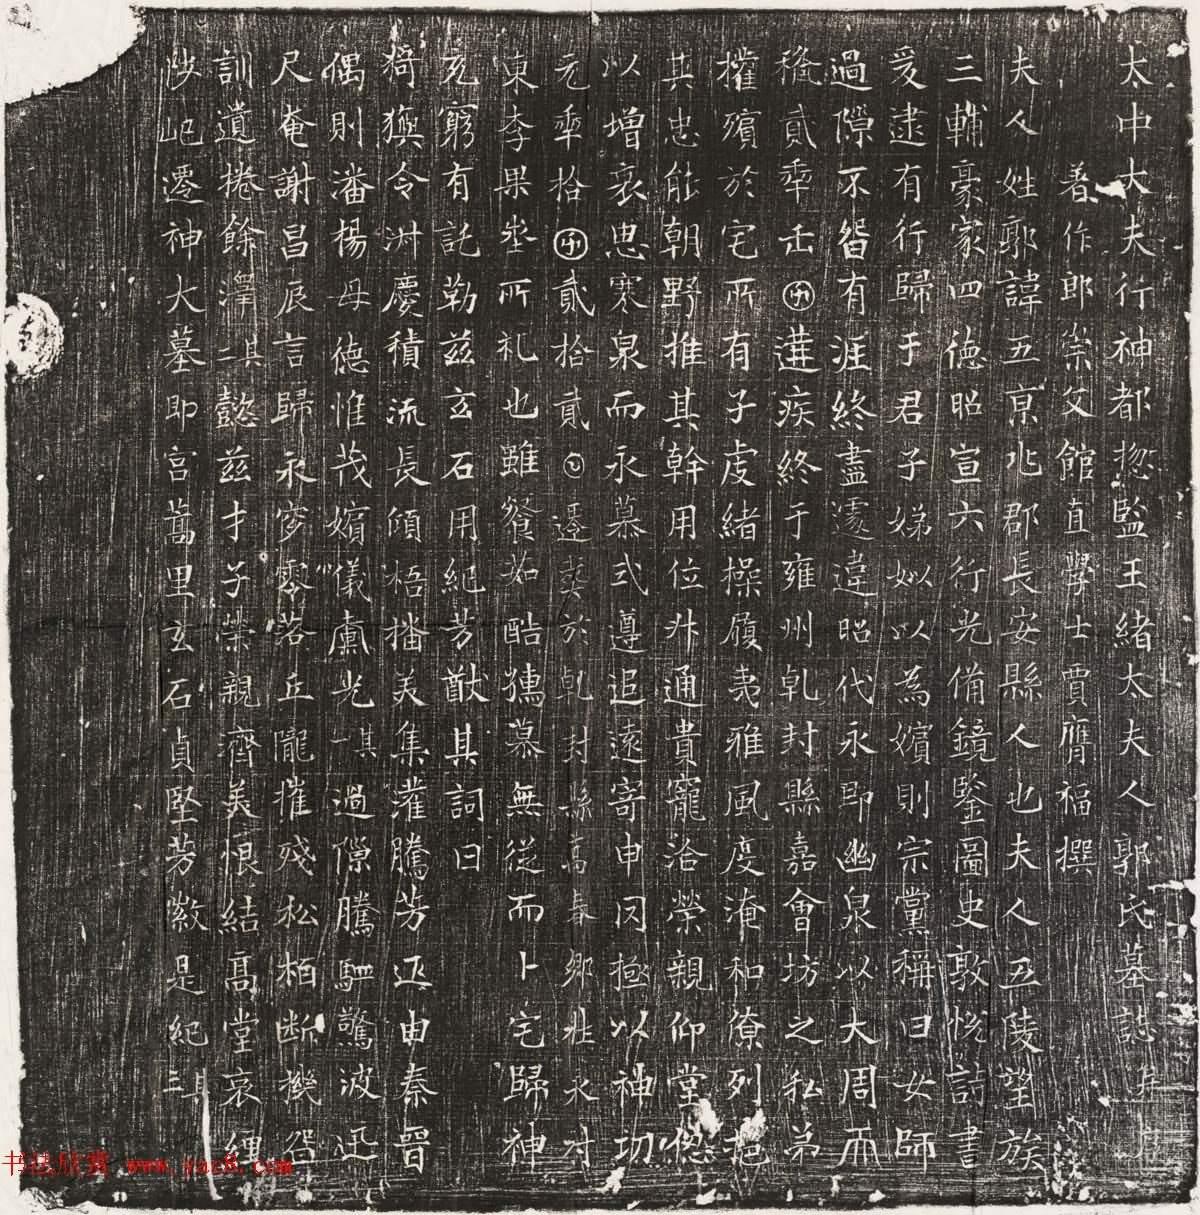 唐代楷書石刻欣賞《王緒母郭五夫人墓誌並蓋》